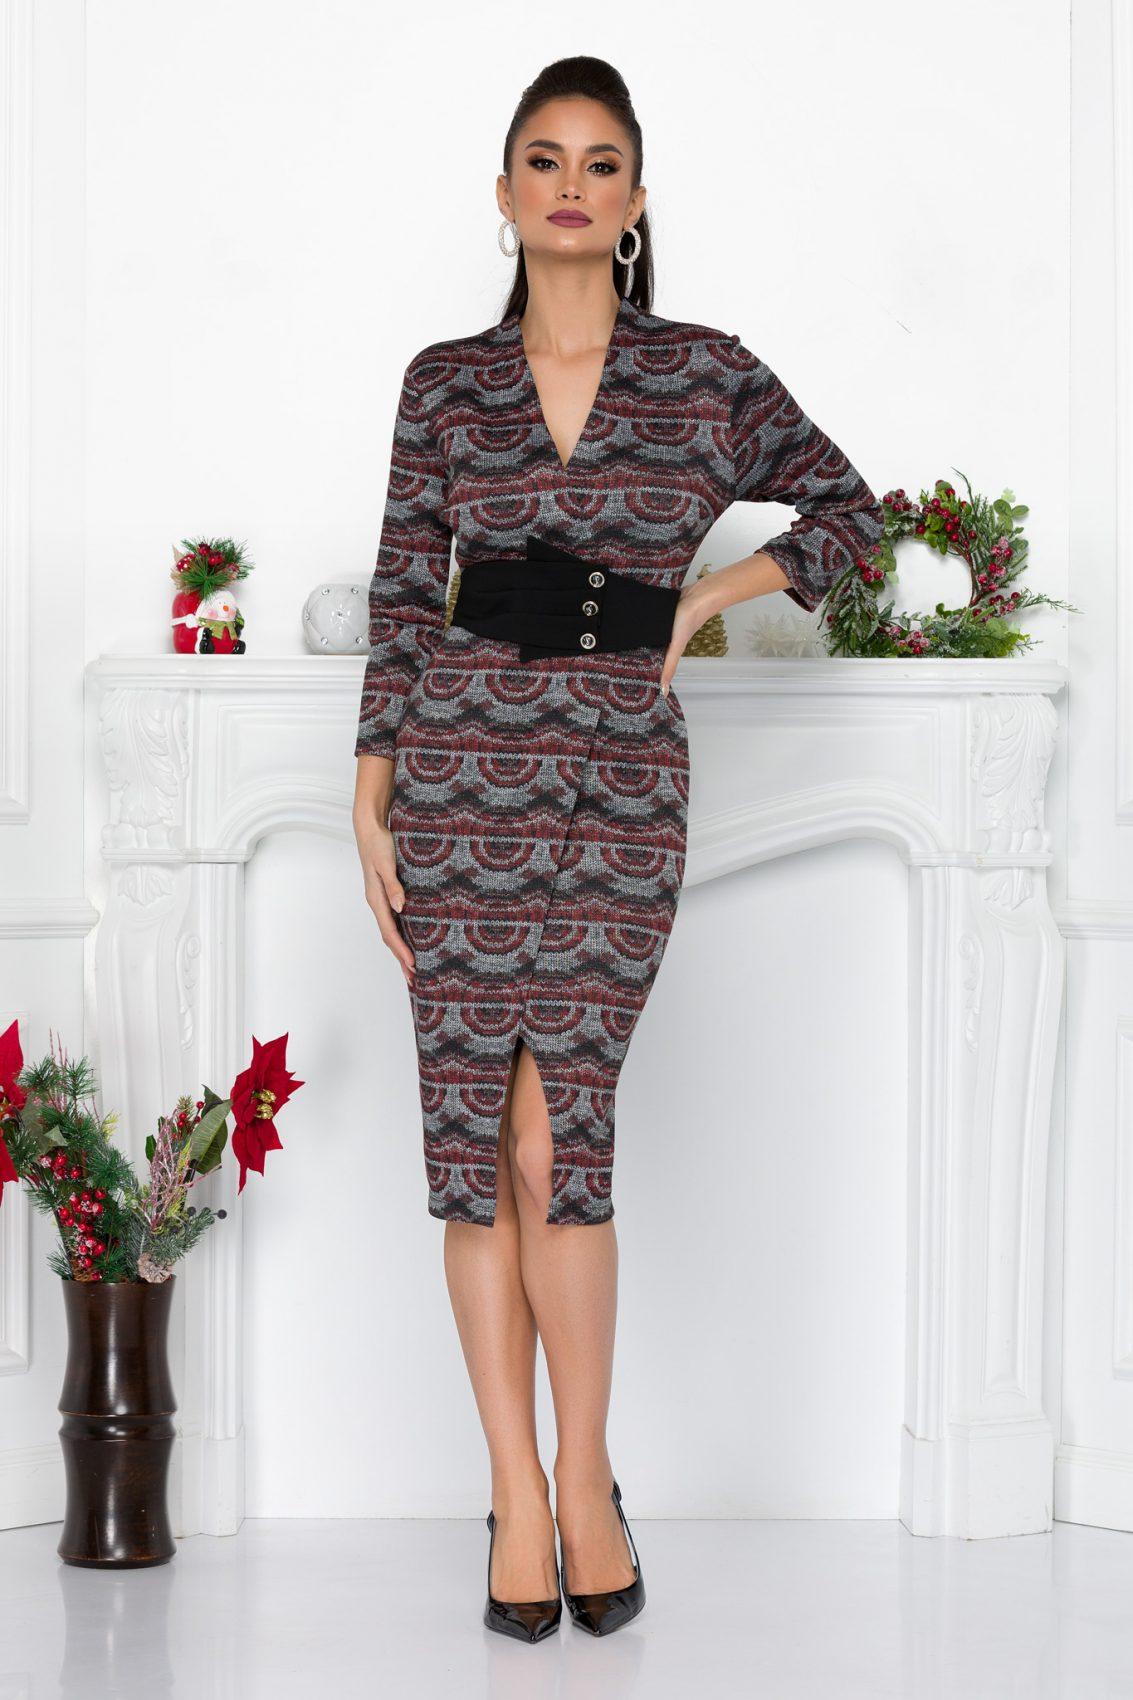 Πλεκτό Μίντι Κρουαζέ Φόρεμα Με Ζώνη Gisell 9069 2